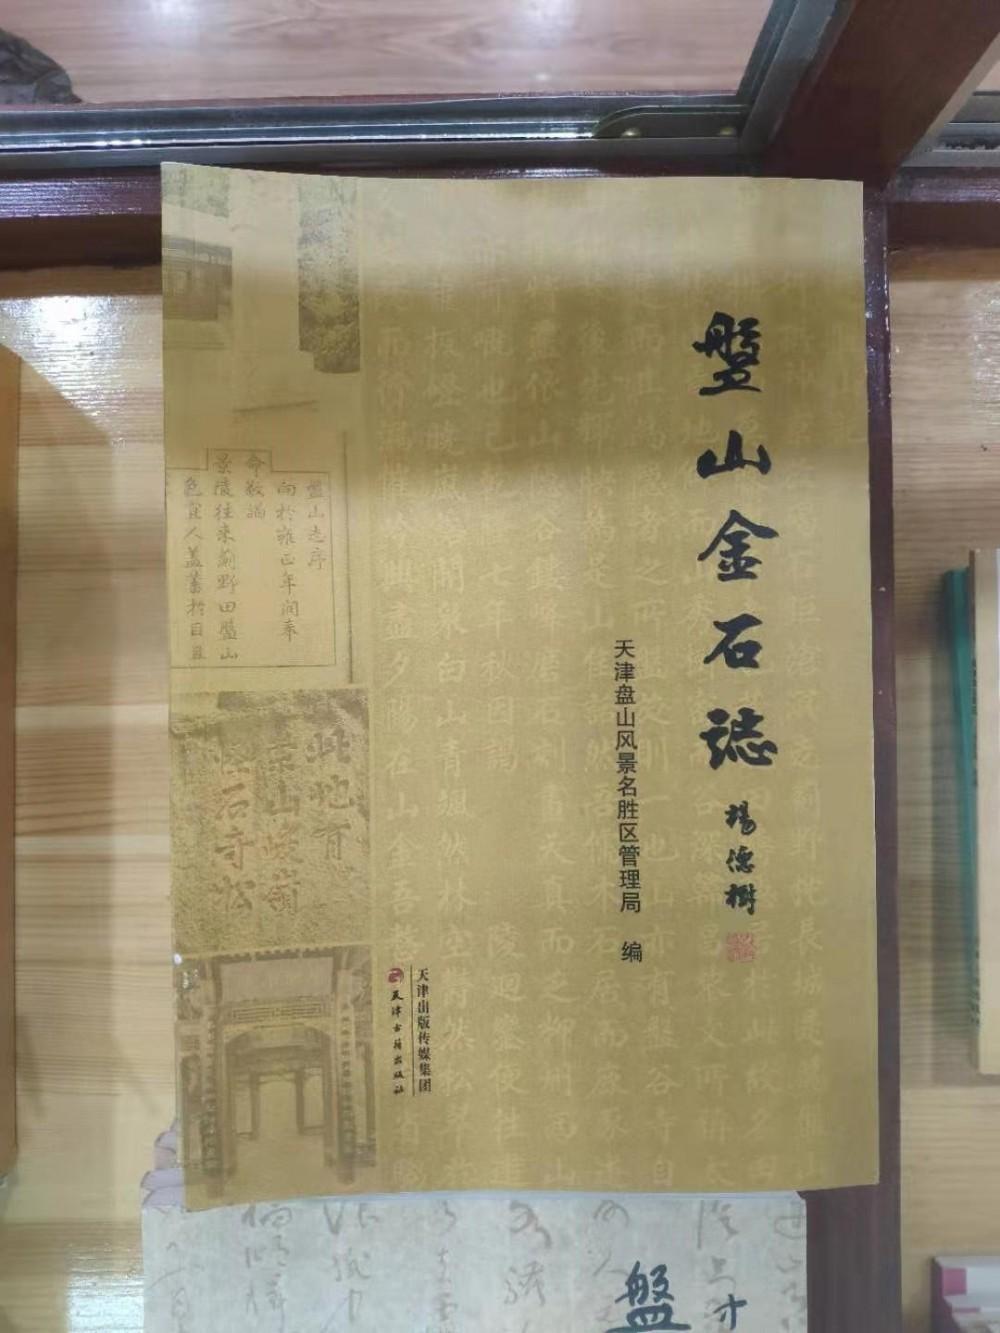 盘山风景区旅游纪念品-【盘山金石志】